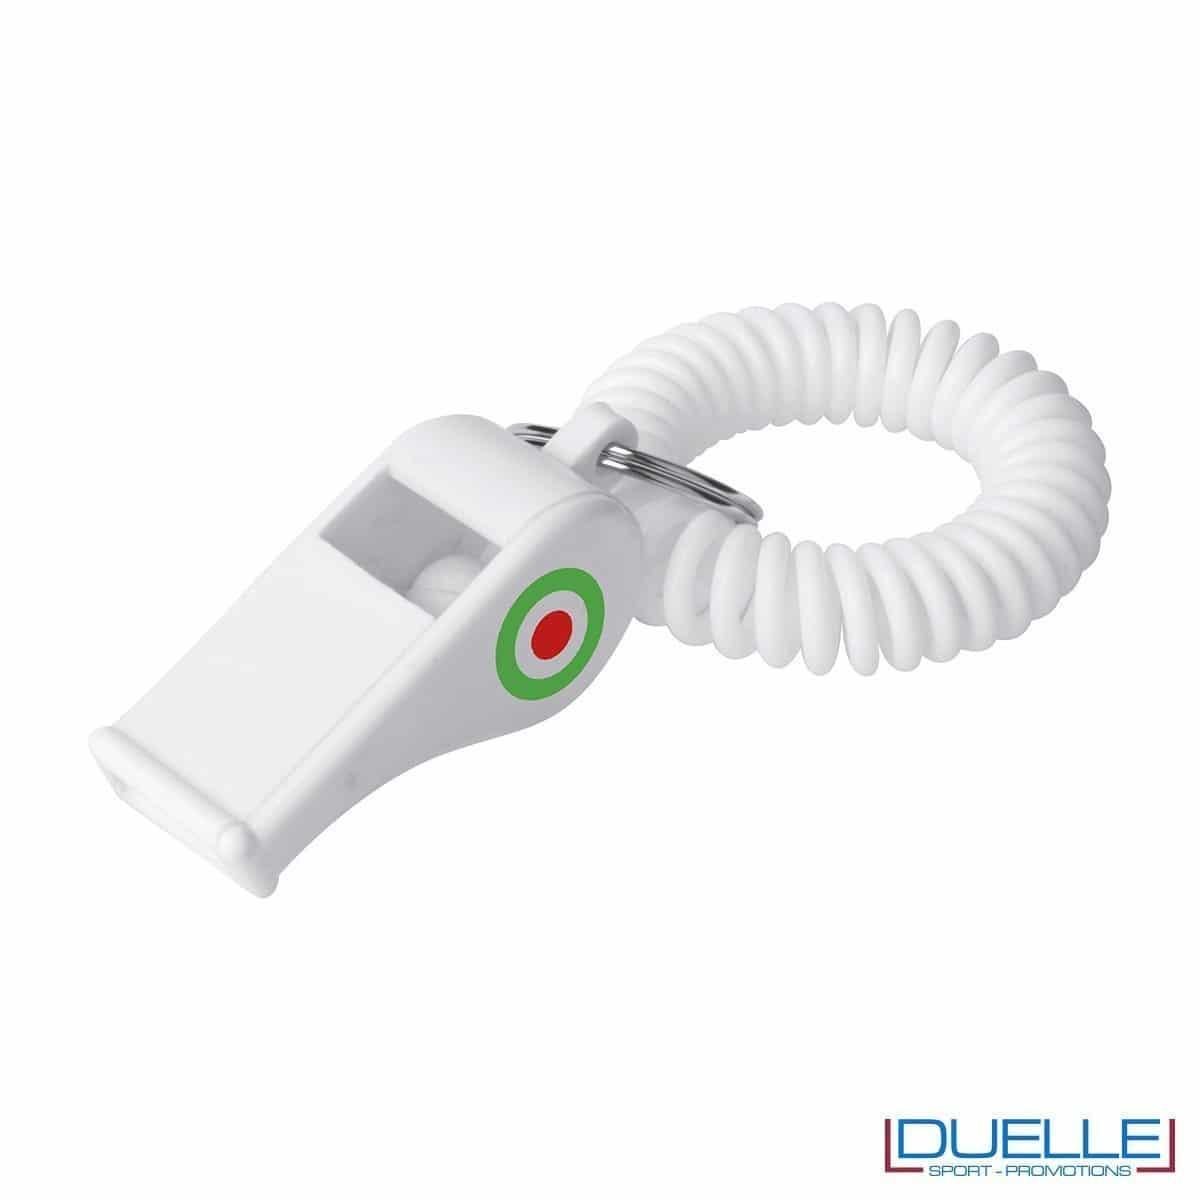 fischietto personalizzato di colore bianco con logo tricolore, gadget mondiali personalizzati